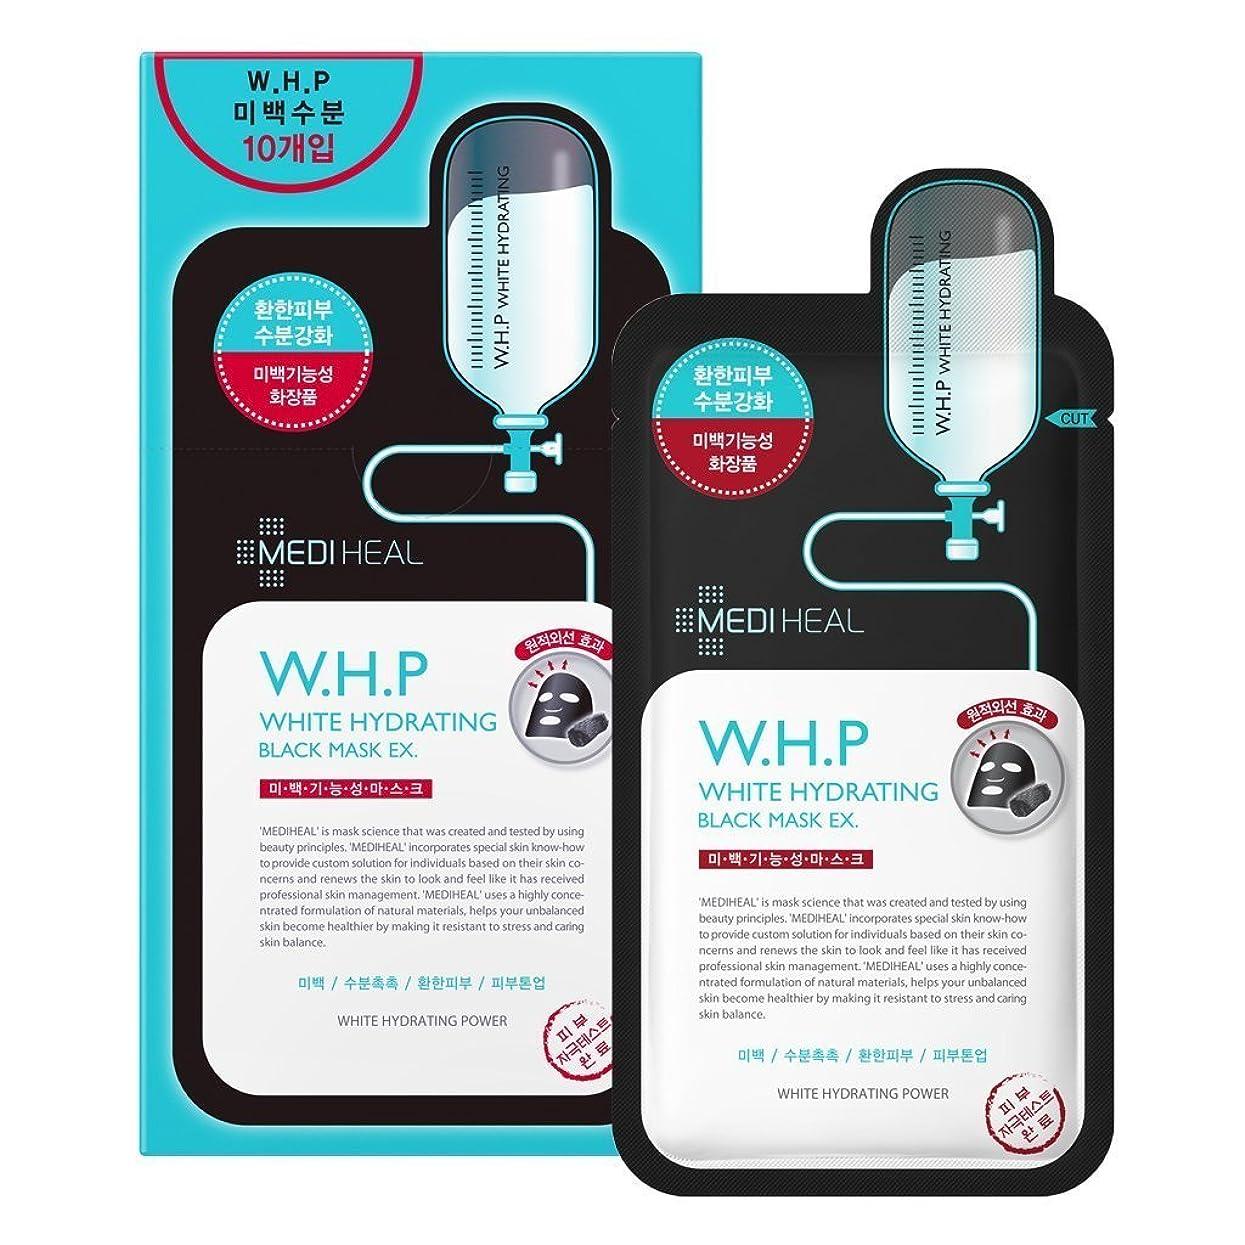 戸棚刺激する拡大するMediheal WHP ホワイト ハイドレイティング ブラック マスク EX 25mL x10枚 [並行輸入品]